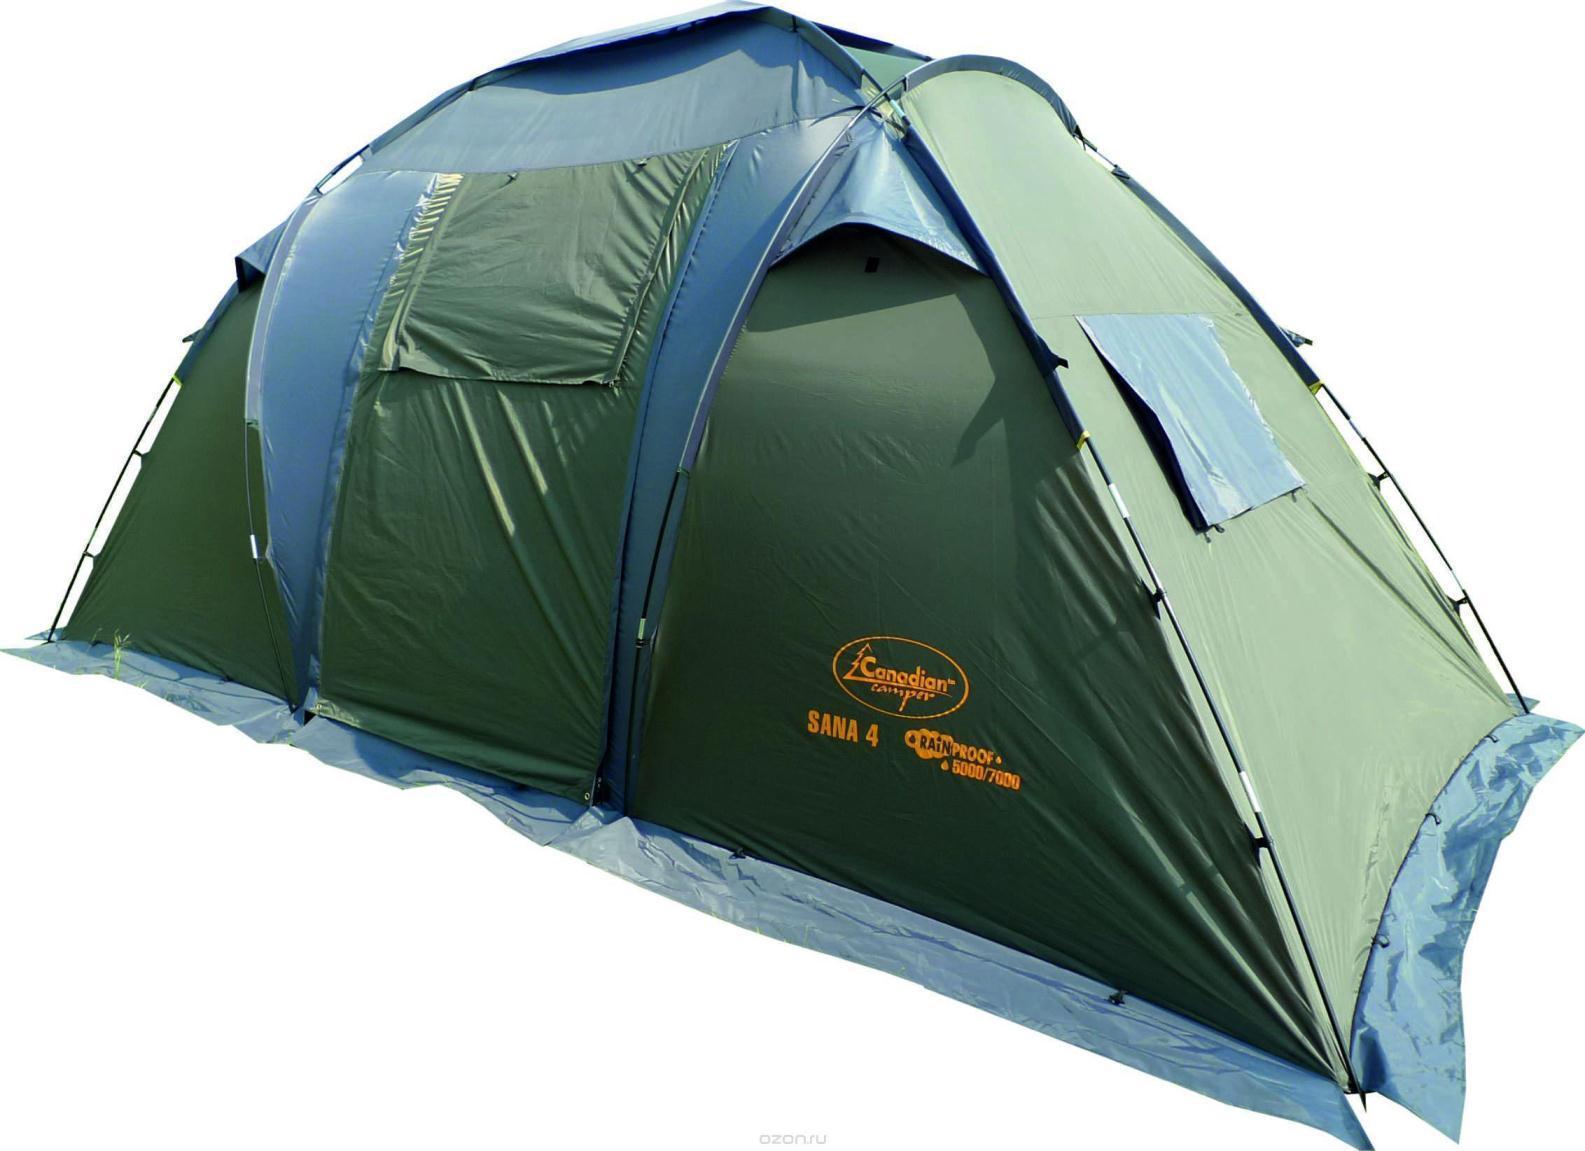 """Палатка CANADIAN CAMPER SANA 4 (цвет forest)30400024SANA 4 - двухспальная кемпинговая палатка. В отличие от предыдущих моделей, палатка Sana 4 имеет две спальные двухместные комнаты, которые разделены просторным центральным тамбуром. В одной из комнат Вы можете уложить спать детей, а в другой наслаждаться отдыхом со своей прекрасной половиной. Конструкция палатки позволяет оптимально организовать внутреннее пространство, так как возможна установка одного тента, одной или двух спален под ним. Семь вентиляционных окон и два входа с антимоскитными сетками по всей площади обеспечат комфорт даже в очень жаркий летний день. Дверь тамбура можно использовать как дополнительный козырек над входом. Для предотвращения проникновения насекомых палатка имеет """"юбку"""" по всему периметру. Не комплектуется полом для тамбура."""